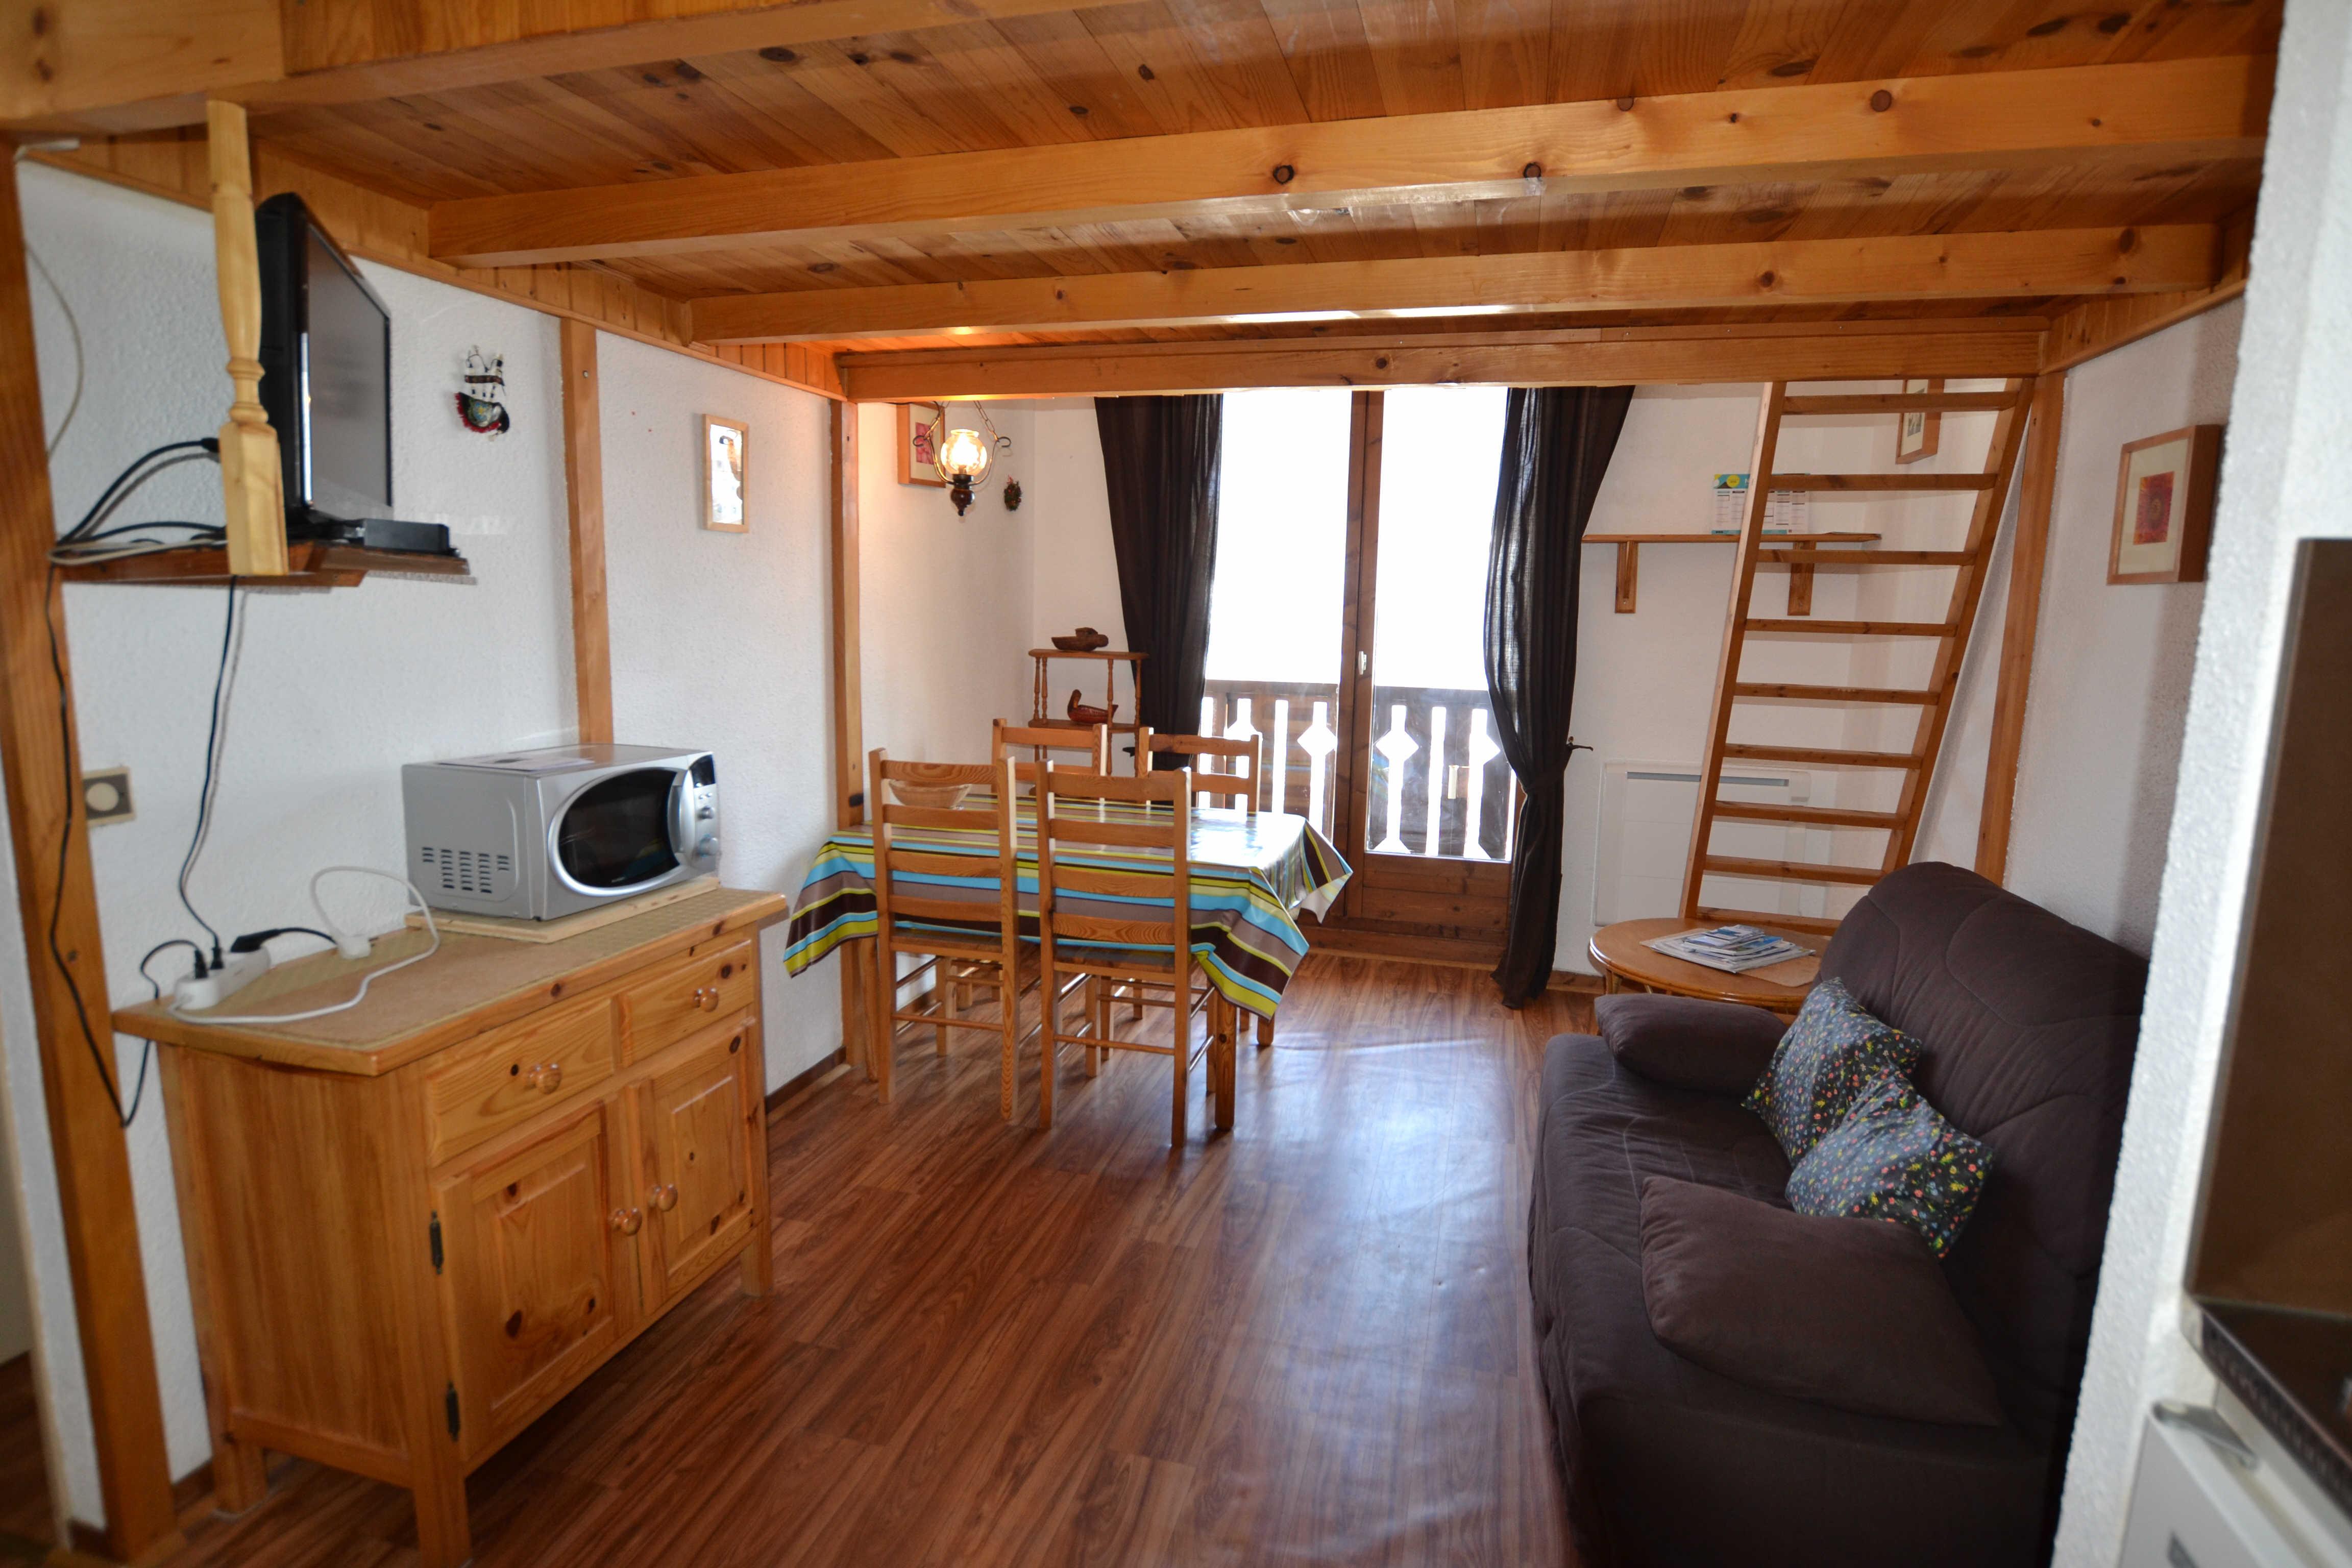 Location vacances 2 pièces + mezzanine pour 4 personnes à Praz Sur Arly